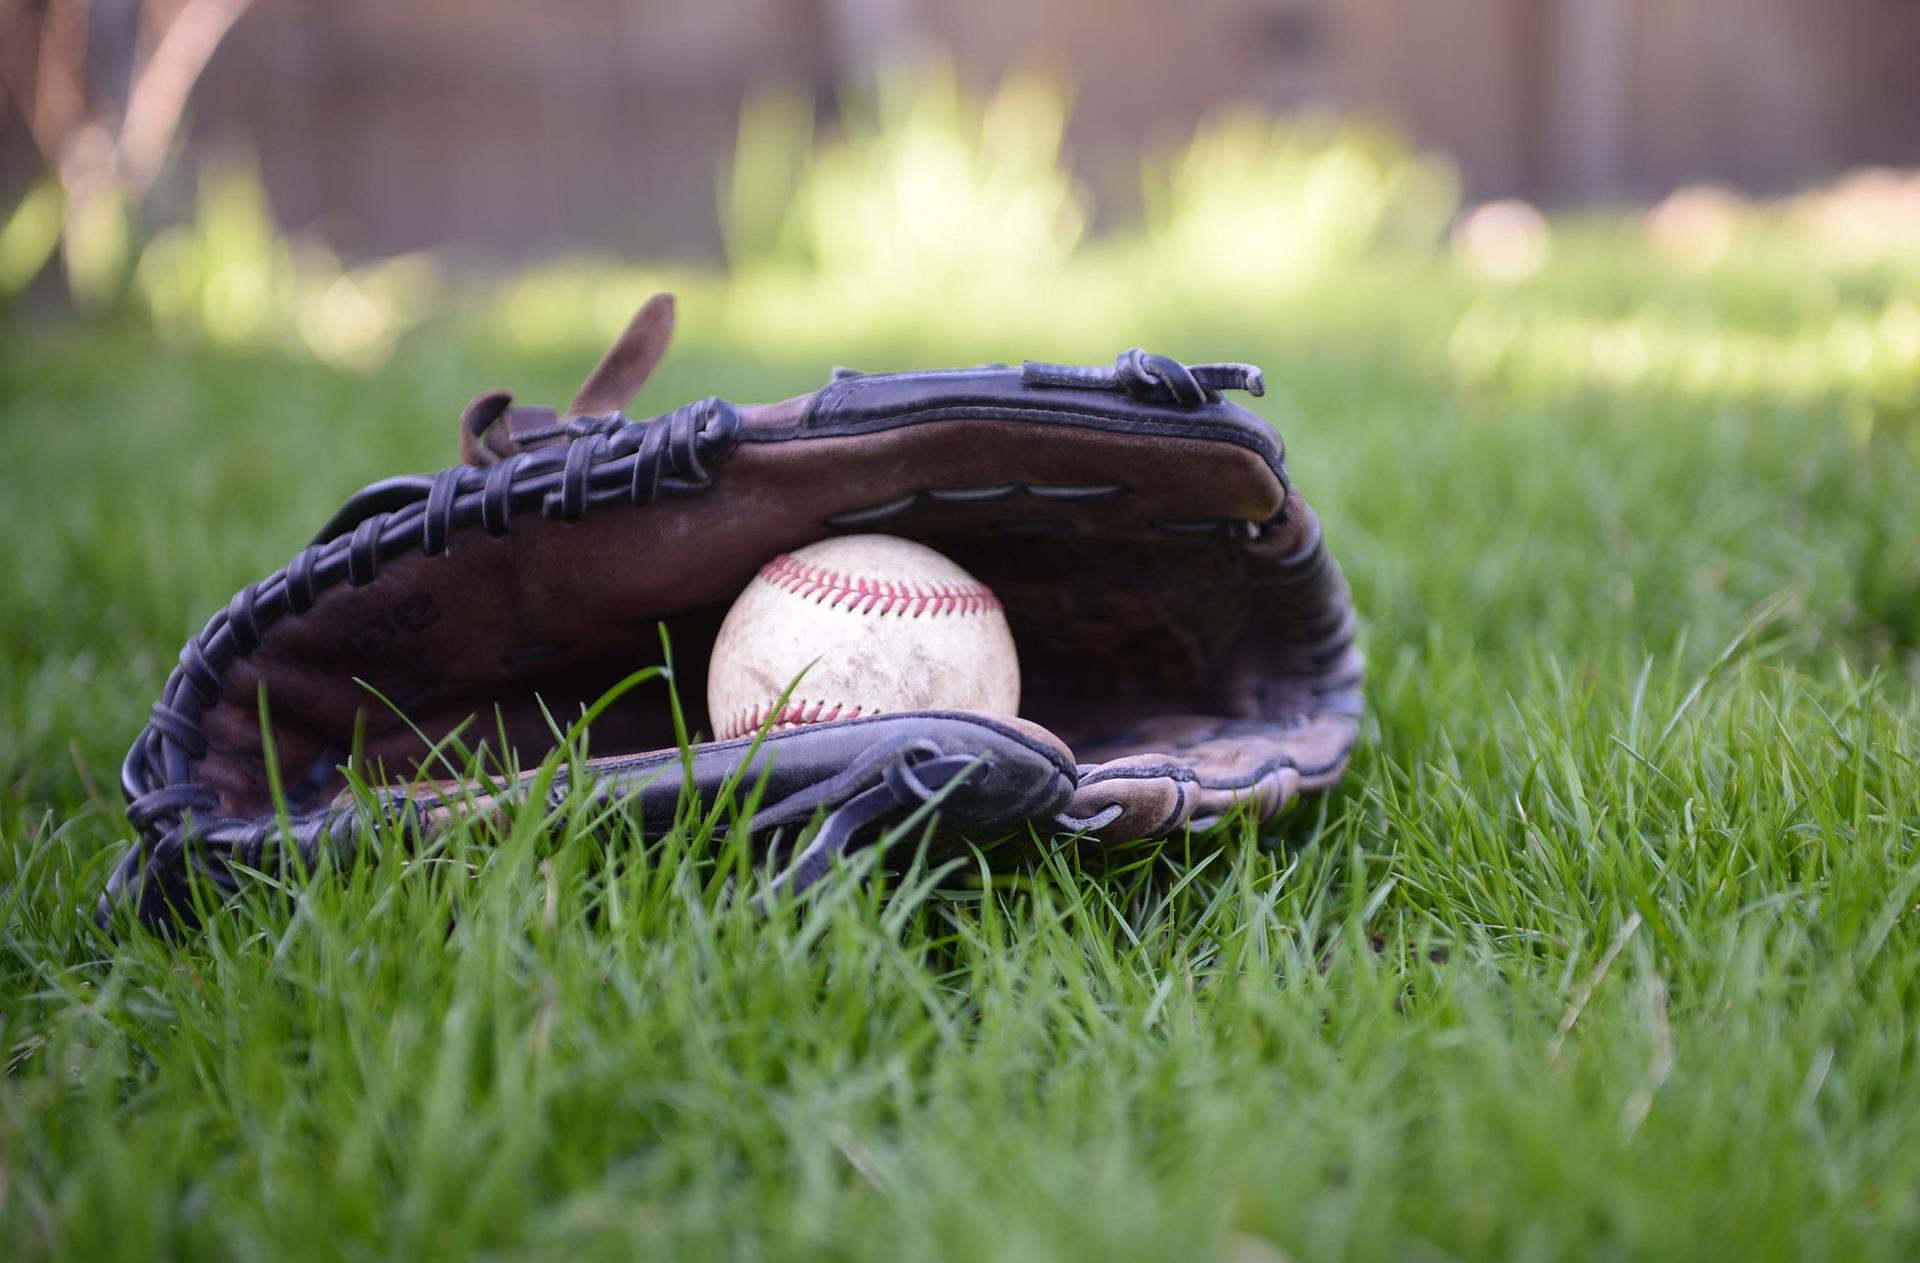 baseball-4182179_1920.jpg